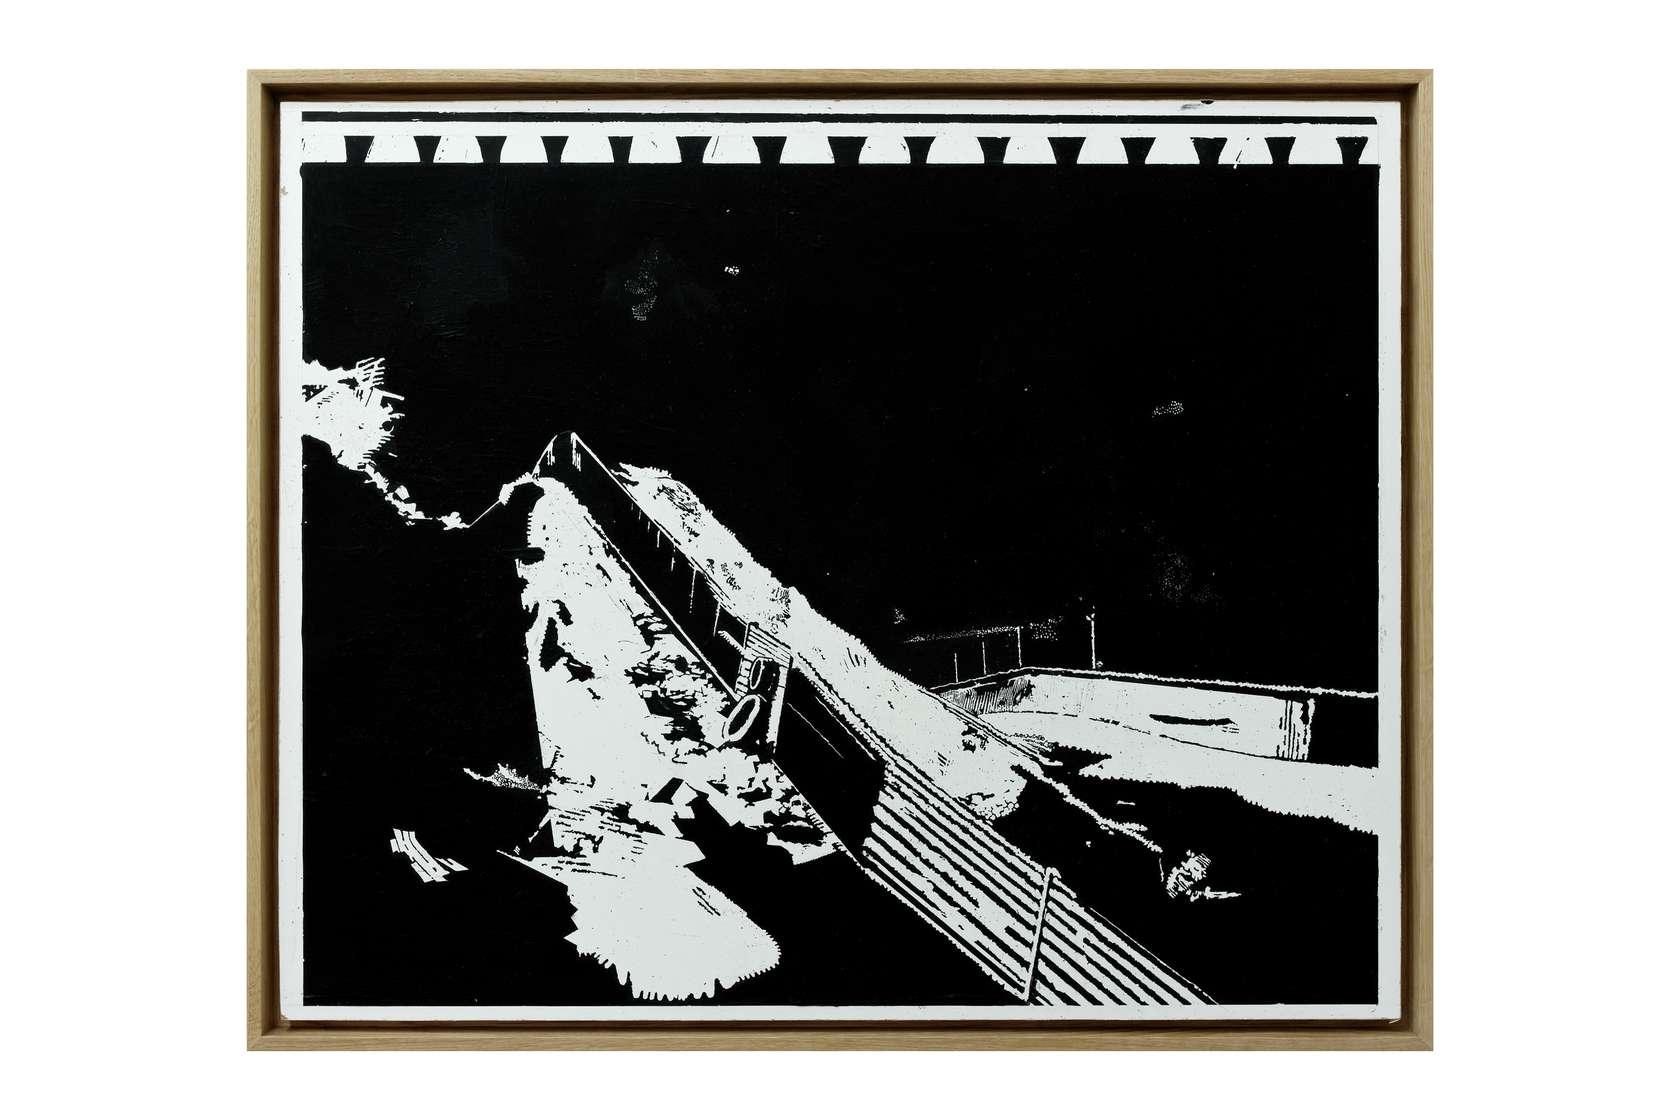 Julien Tiberi, El astro de la suela I, 2011 Acrylique gratée sur isorel laqué blanc61.5 × 75.5 cm / 24 2/8 × 29 6/8 in.